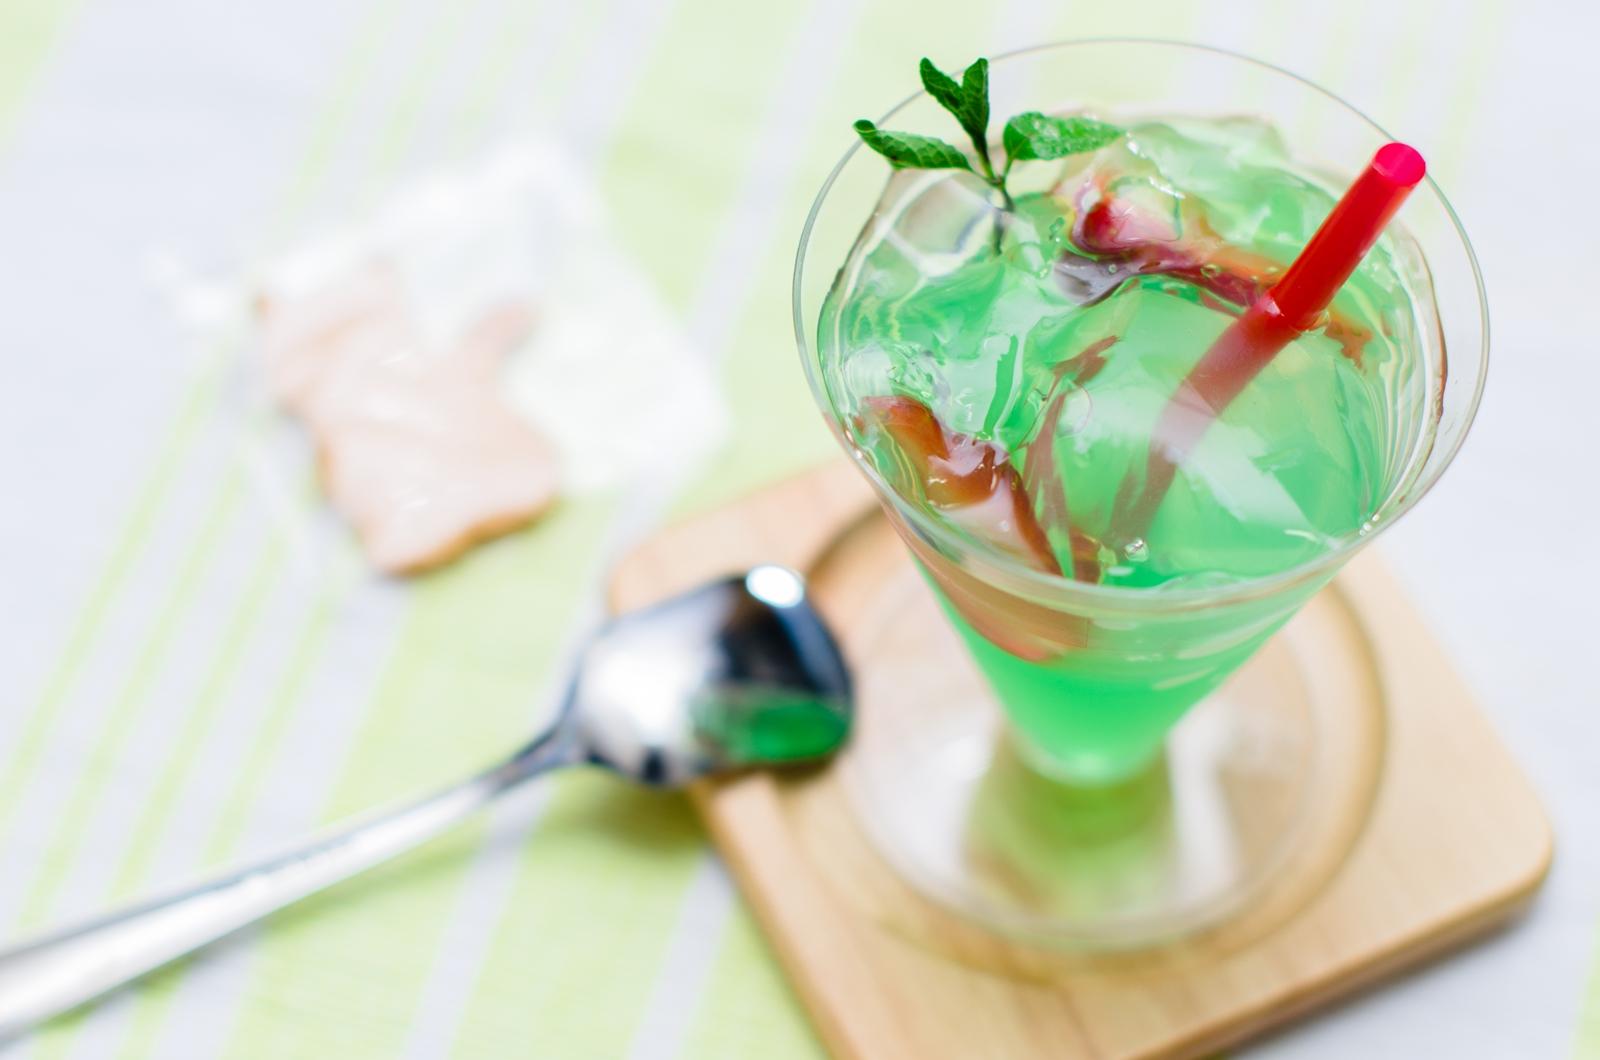 Photo: 「モヒート」 フランス菓子 エリティエ  ちょっと大人な夏のジュレ♪  カクテルの「モヒート」をイメージして作られたという とっても涼し気なジュレ☆ ライムの爽やかさに ほんのりとホワイトラム効いて 口の中は心地よい清涼感♪ そしてつるんとした喉越し 暑い季節にとっても嬉しいスイーツですね!  「 フランス菓子 エリティエ 」 http://heritier-jp.com/  Nikon D7000 Nikon AF-S NIKKOR 50mm f/1.4G  #スイーツ #ジュレ #sweets #cakes #ごちそうフォト ( http://takafumiooshio.com/archives/2584 )